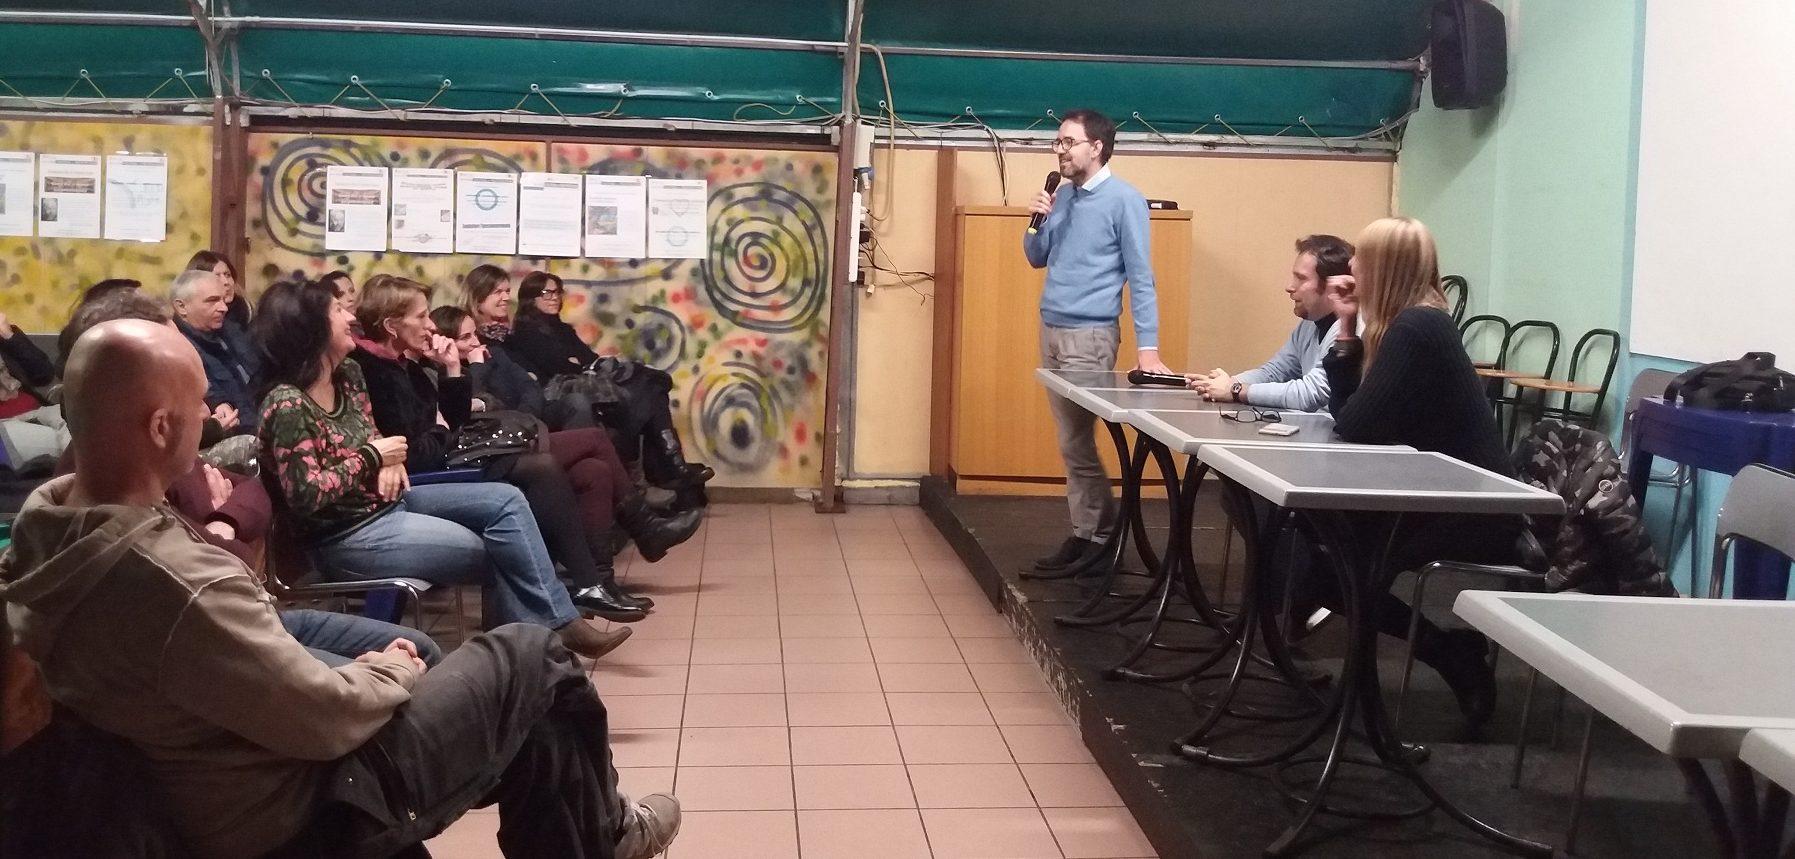 jpg Riunione droga in tranvia Isolottolegnaia Mcl San Bartolo a Cintoia Gianassi Jpg